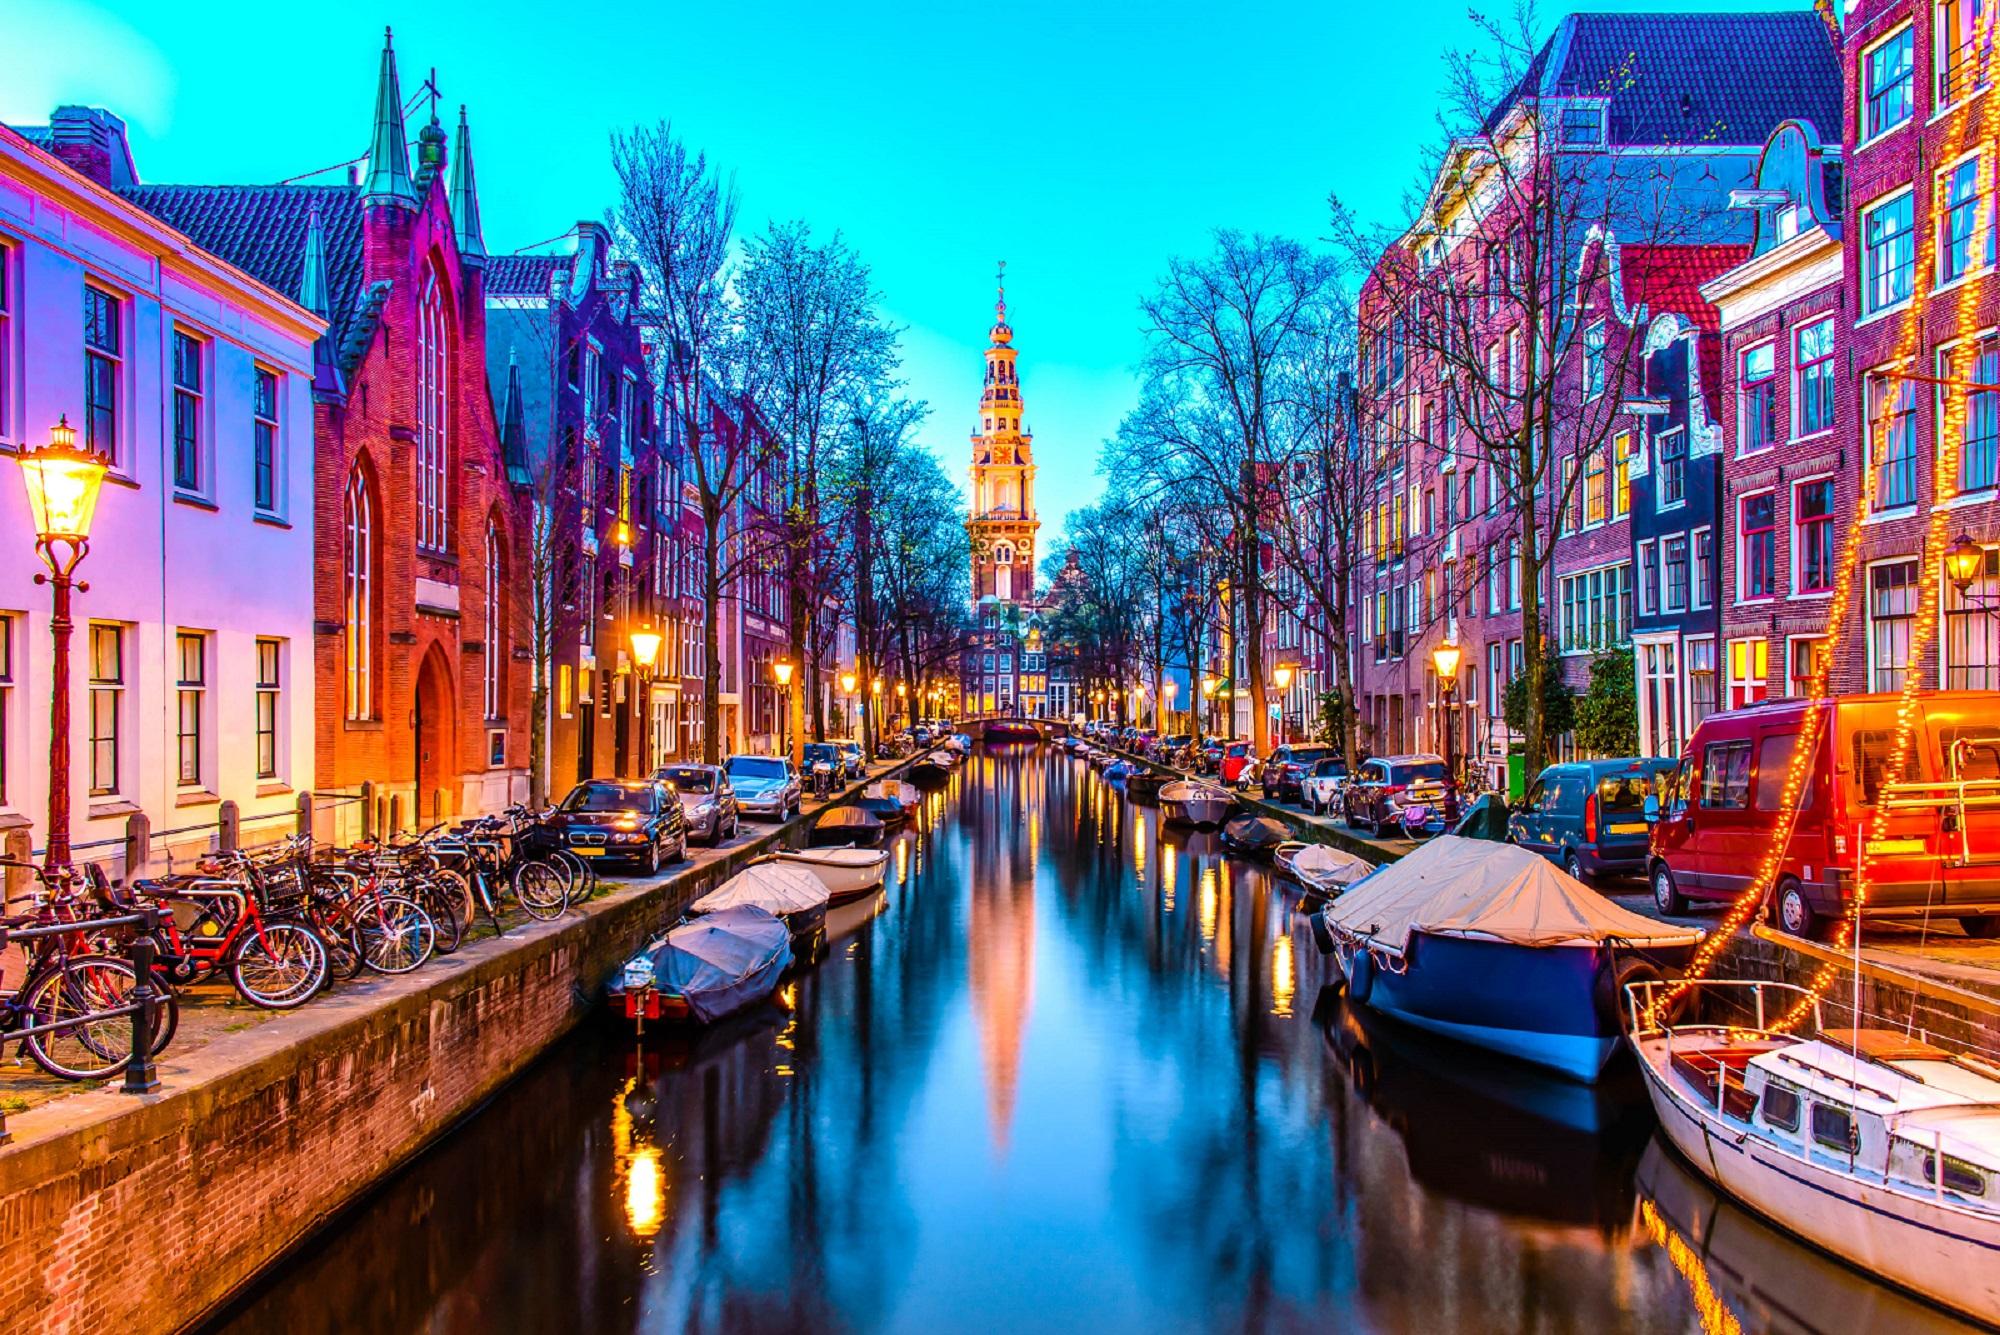 Мечтая о нем: Амстердам, Брюссель, Париж!